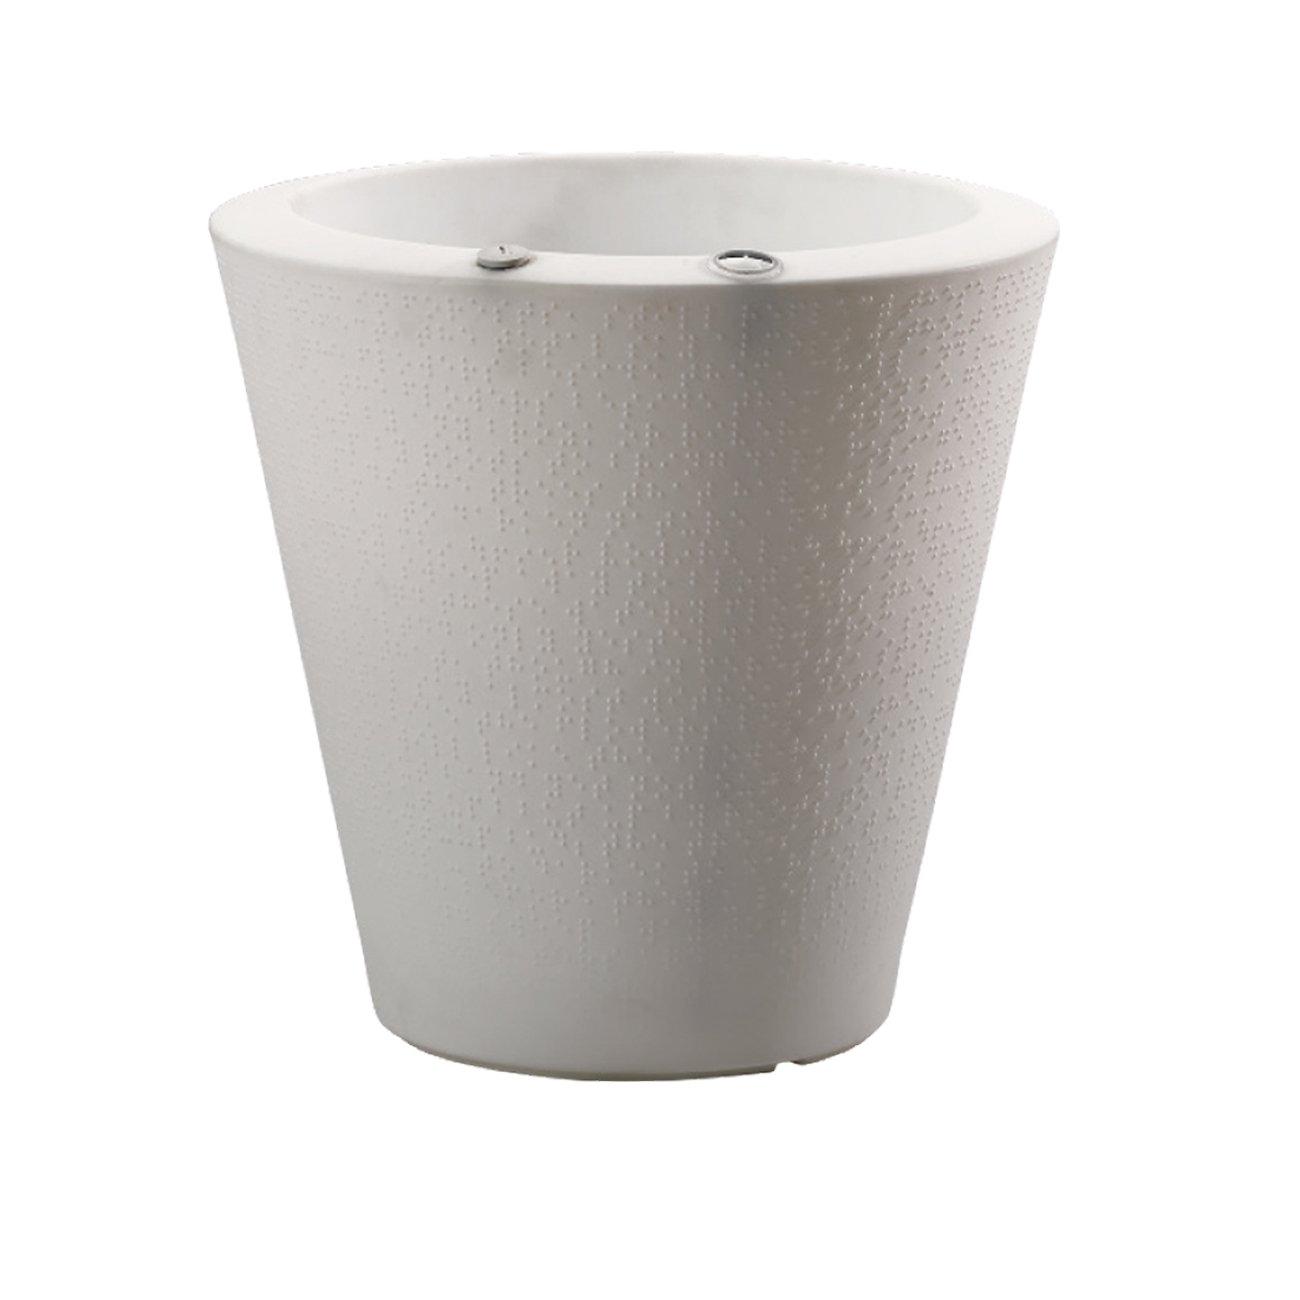 Crescent Garden Indoor/Outdoor Self-Watering Container, Alpine White, 26 in.